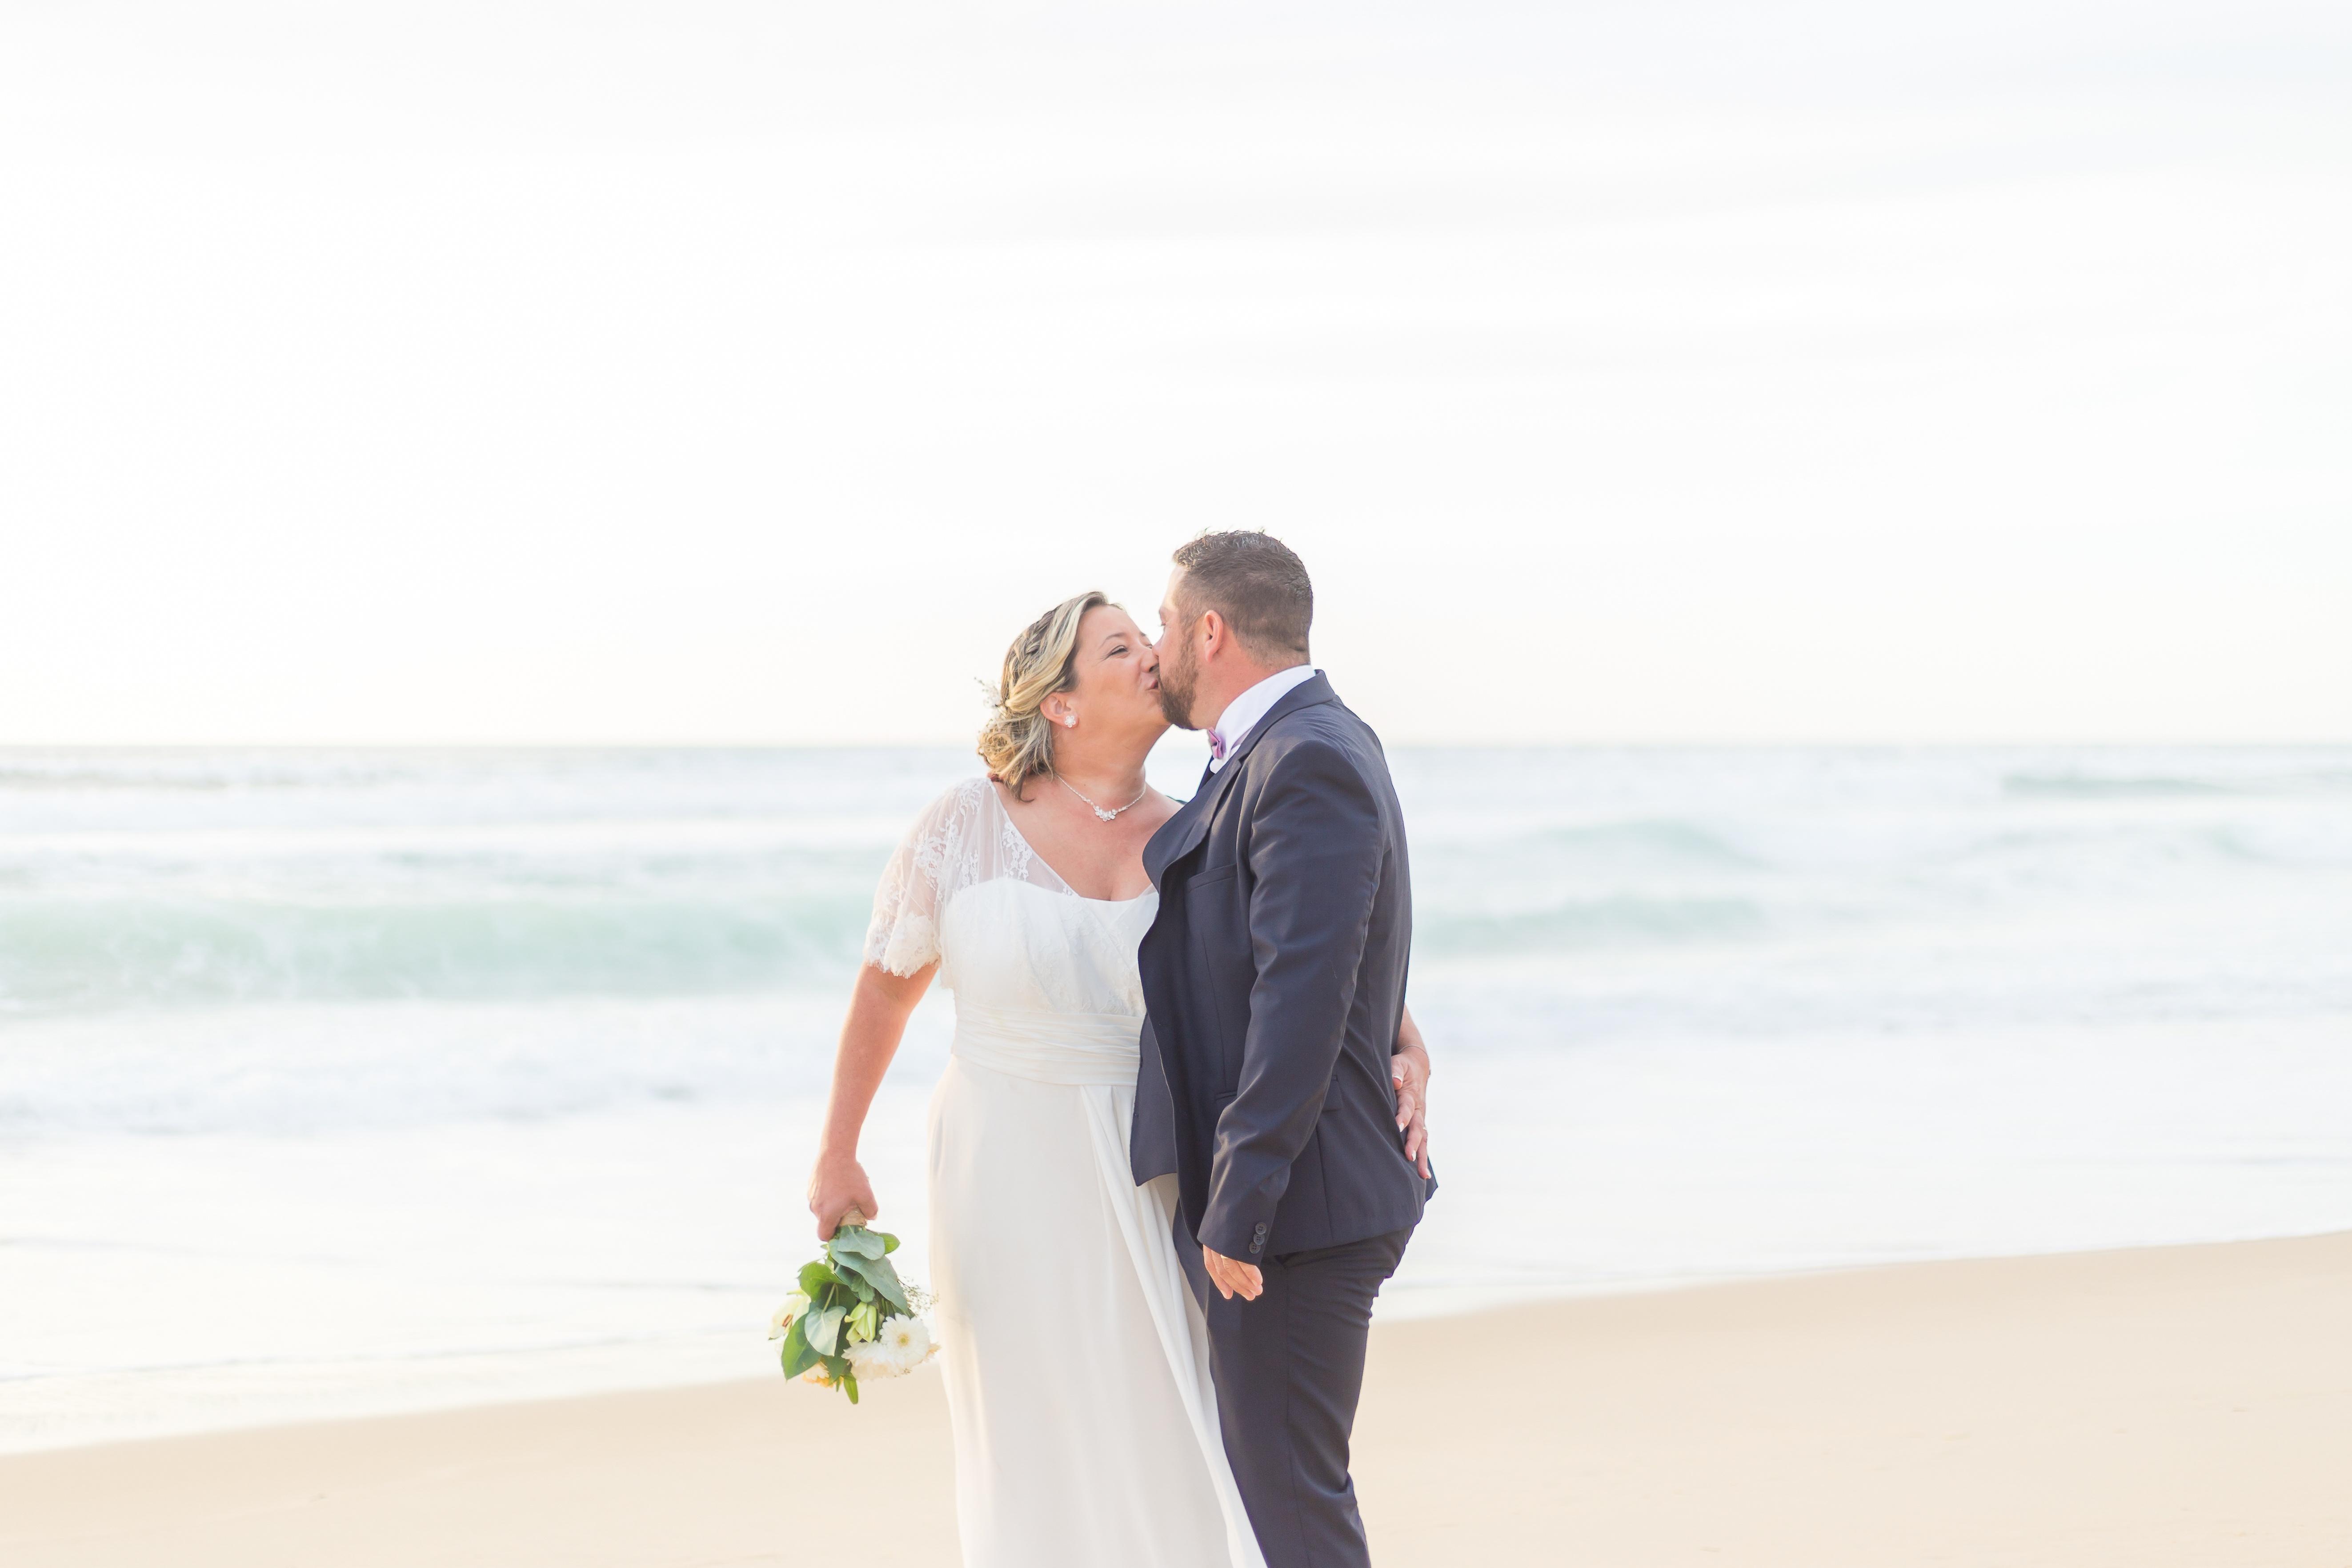 couple amour reportage mariage mont-de-marsan